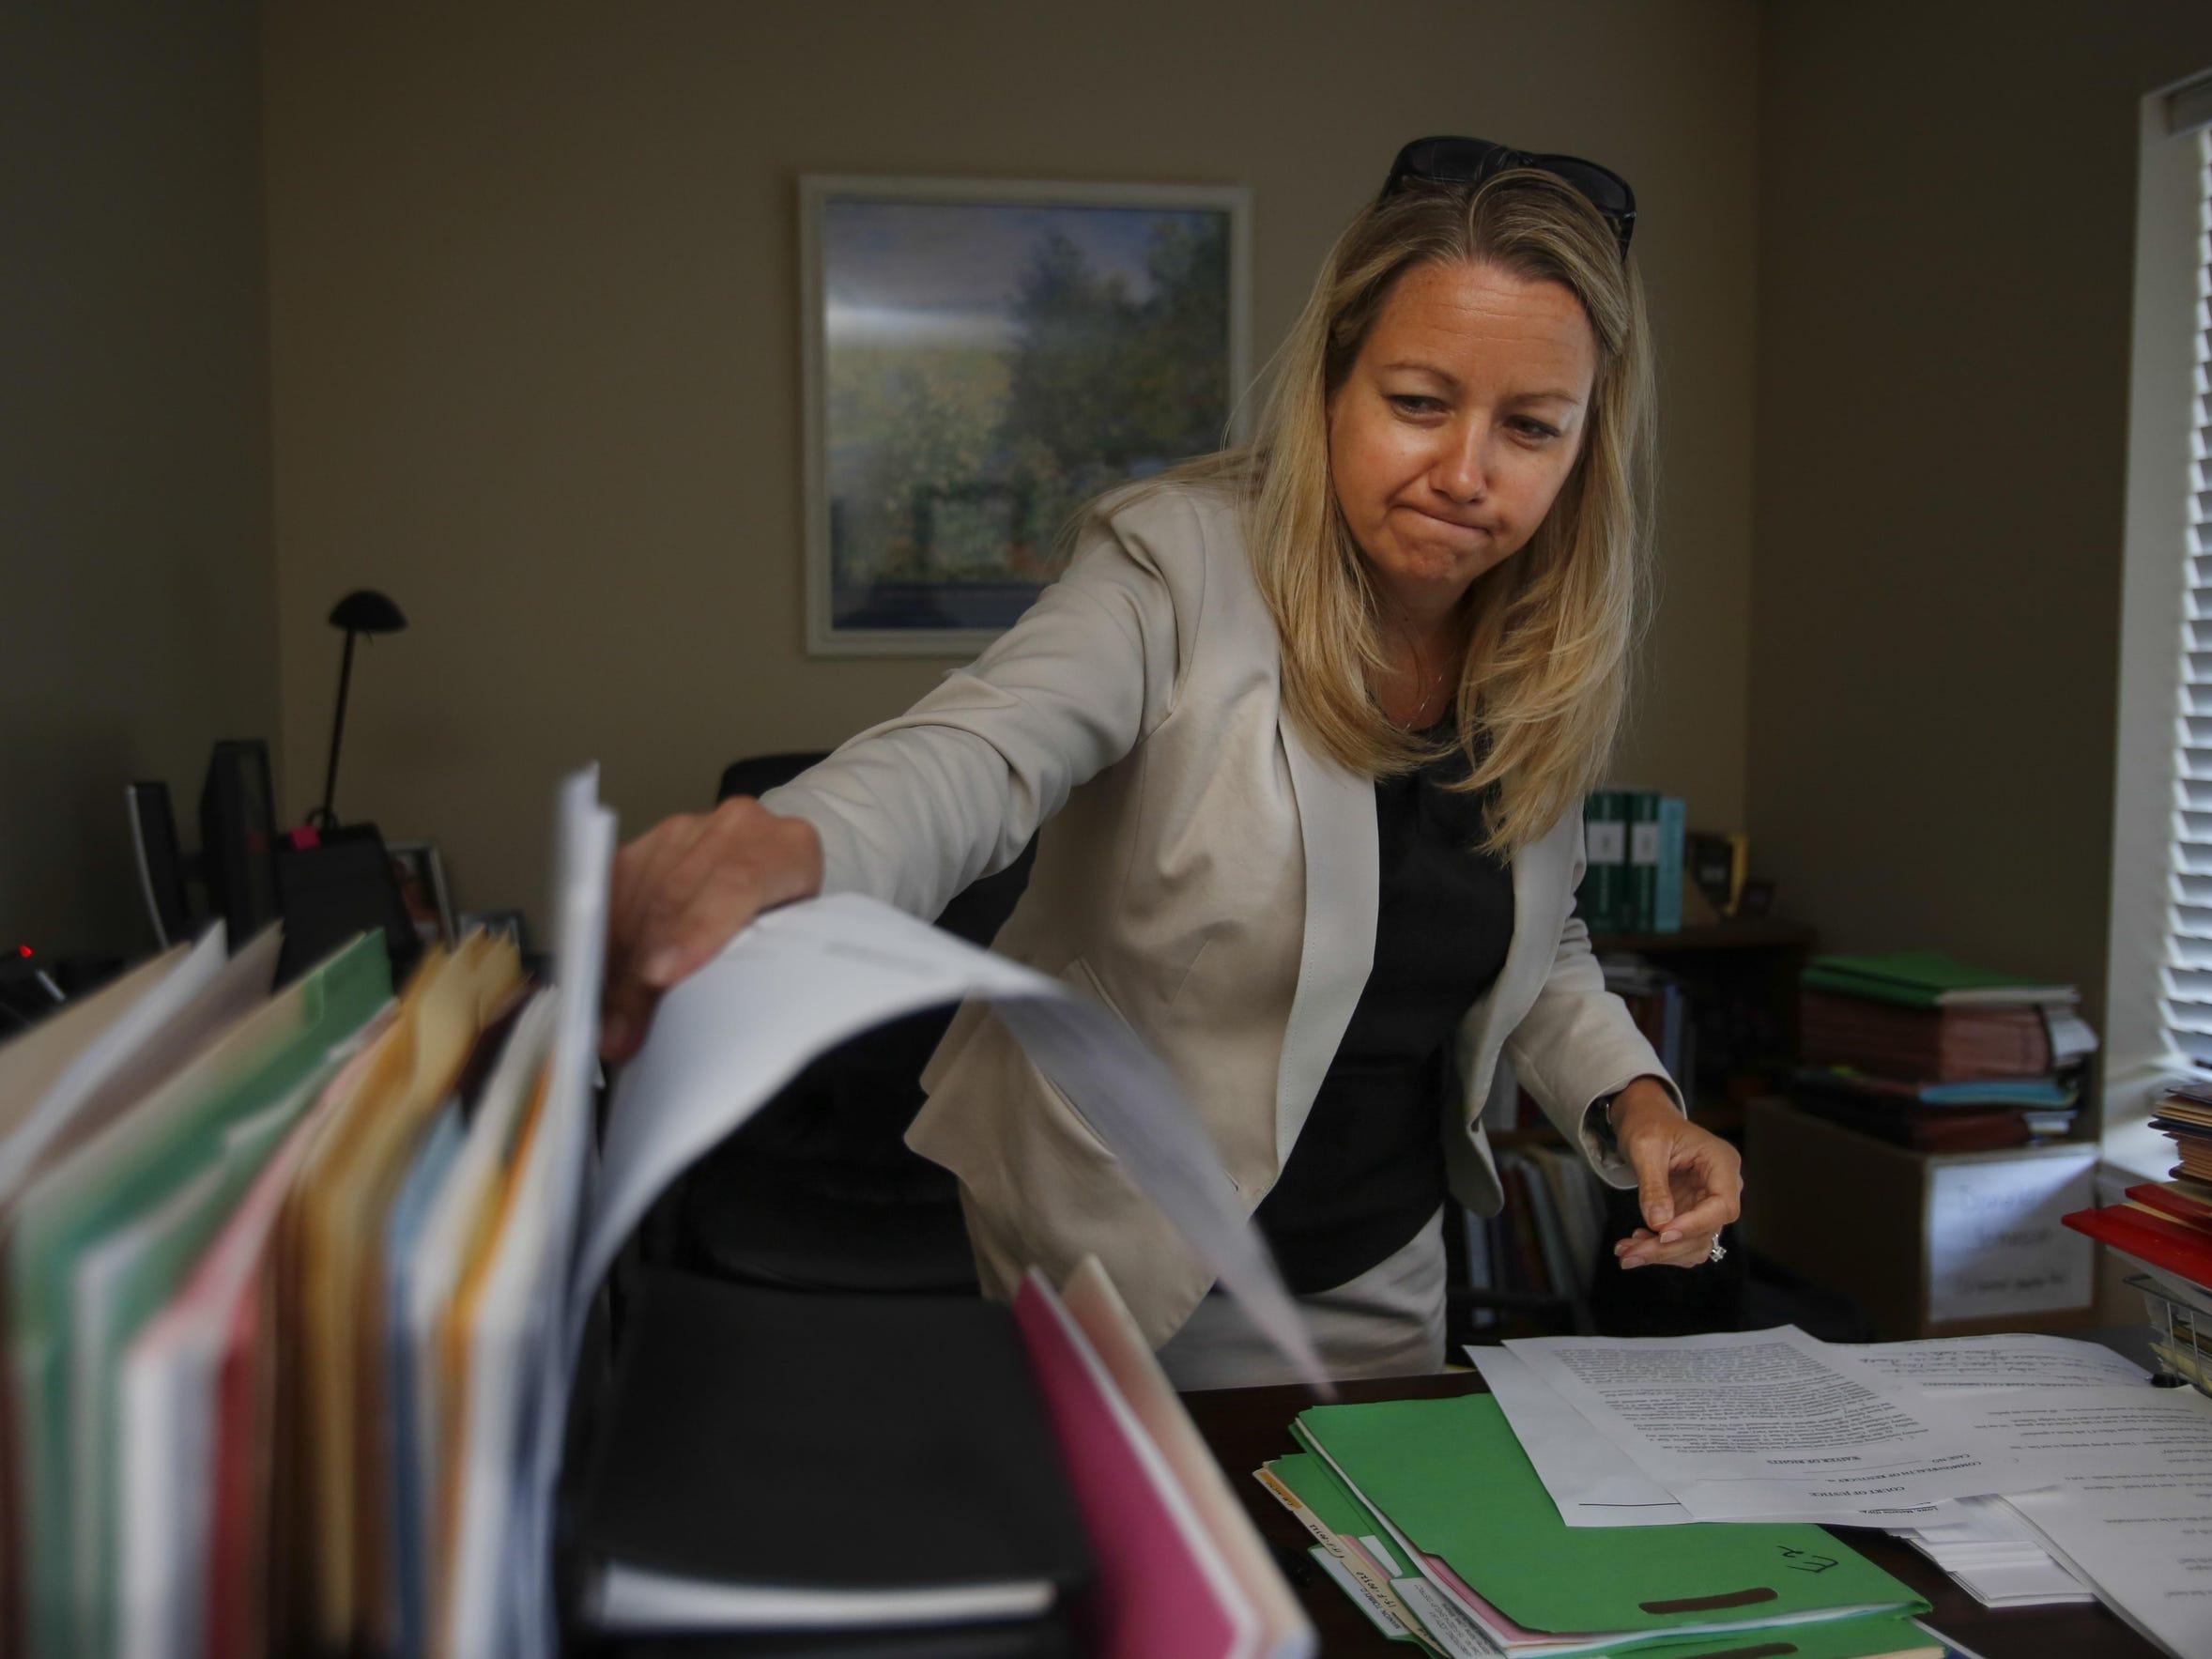 Missouri Public Defender Payment Forms - Assistant public advocate melanie lowe finishes paperwork